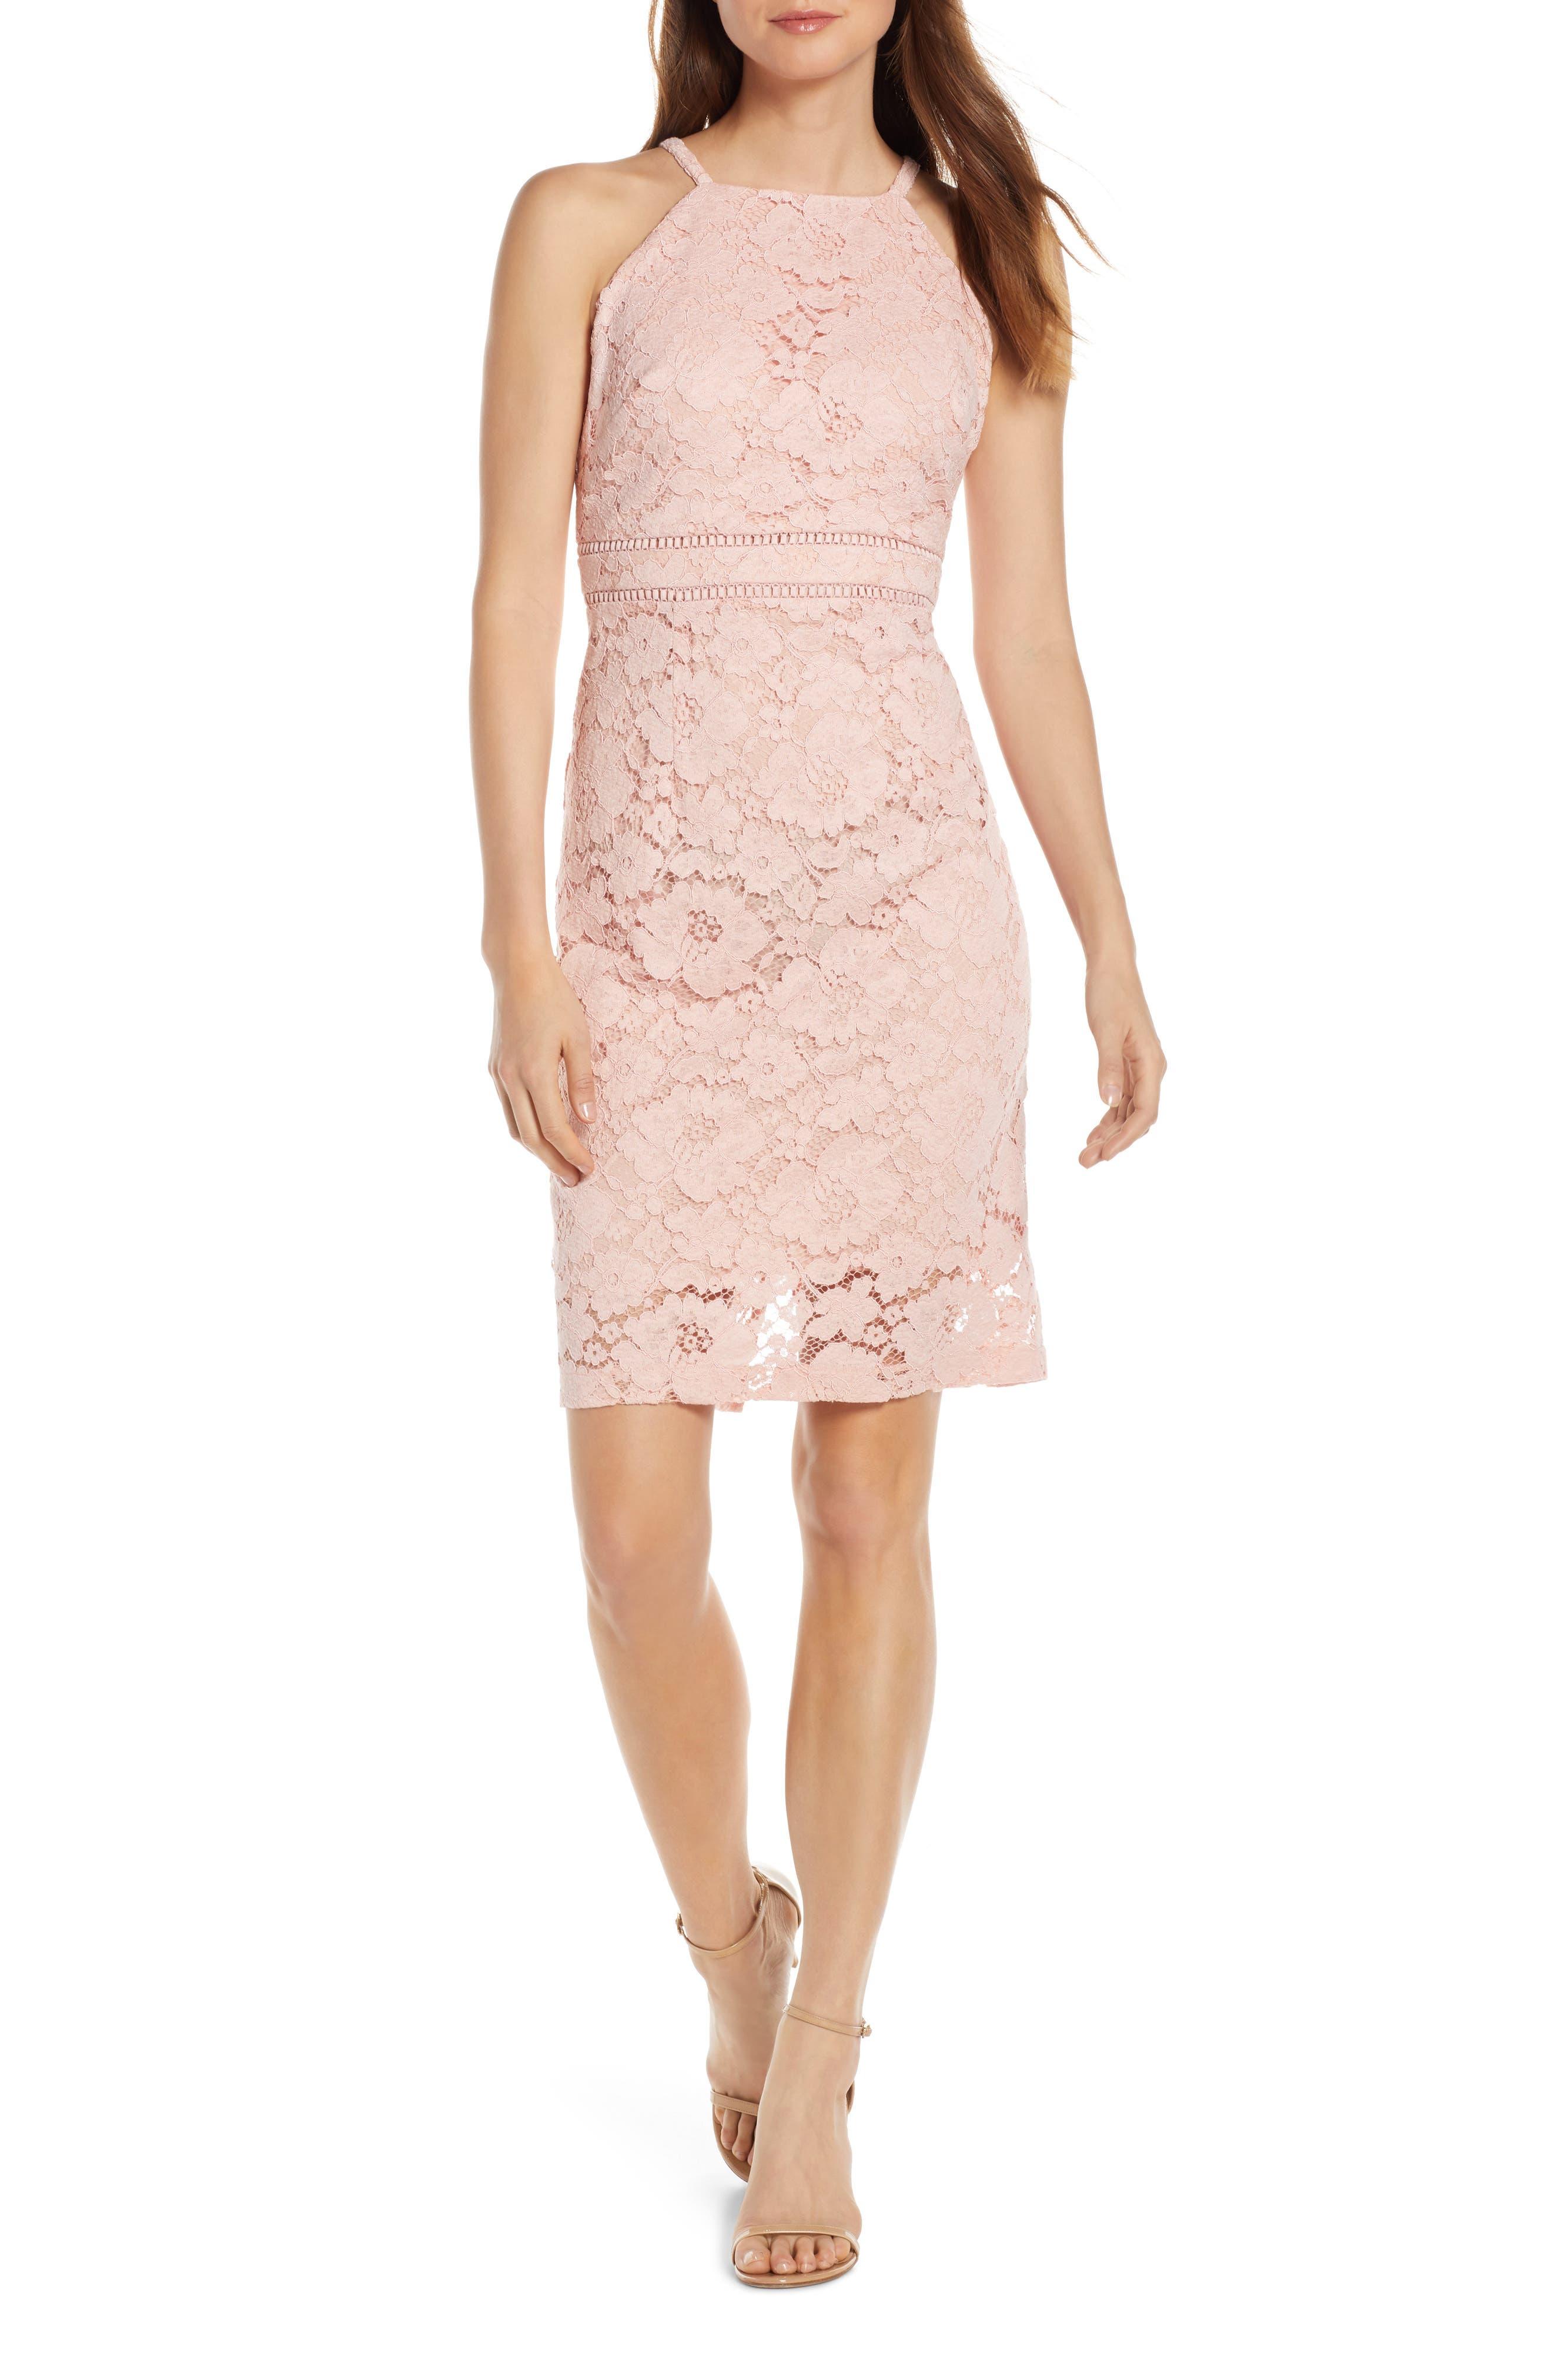 Petite Vince Camuto Sleeveless Lace Sheath Dress, Pink